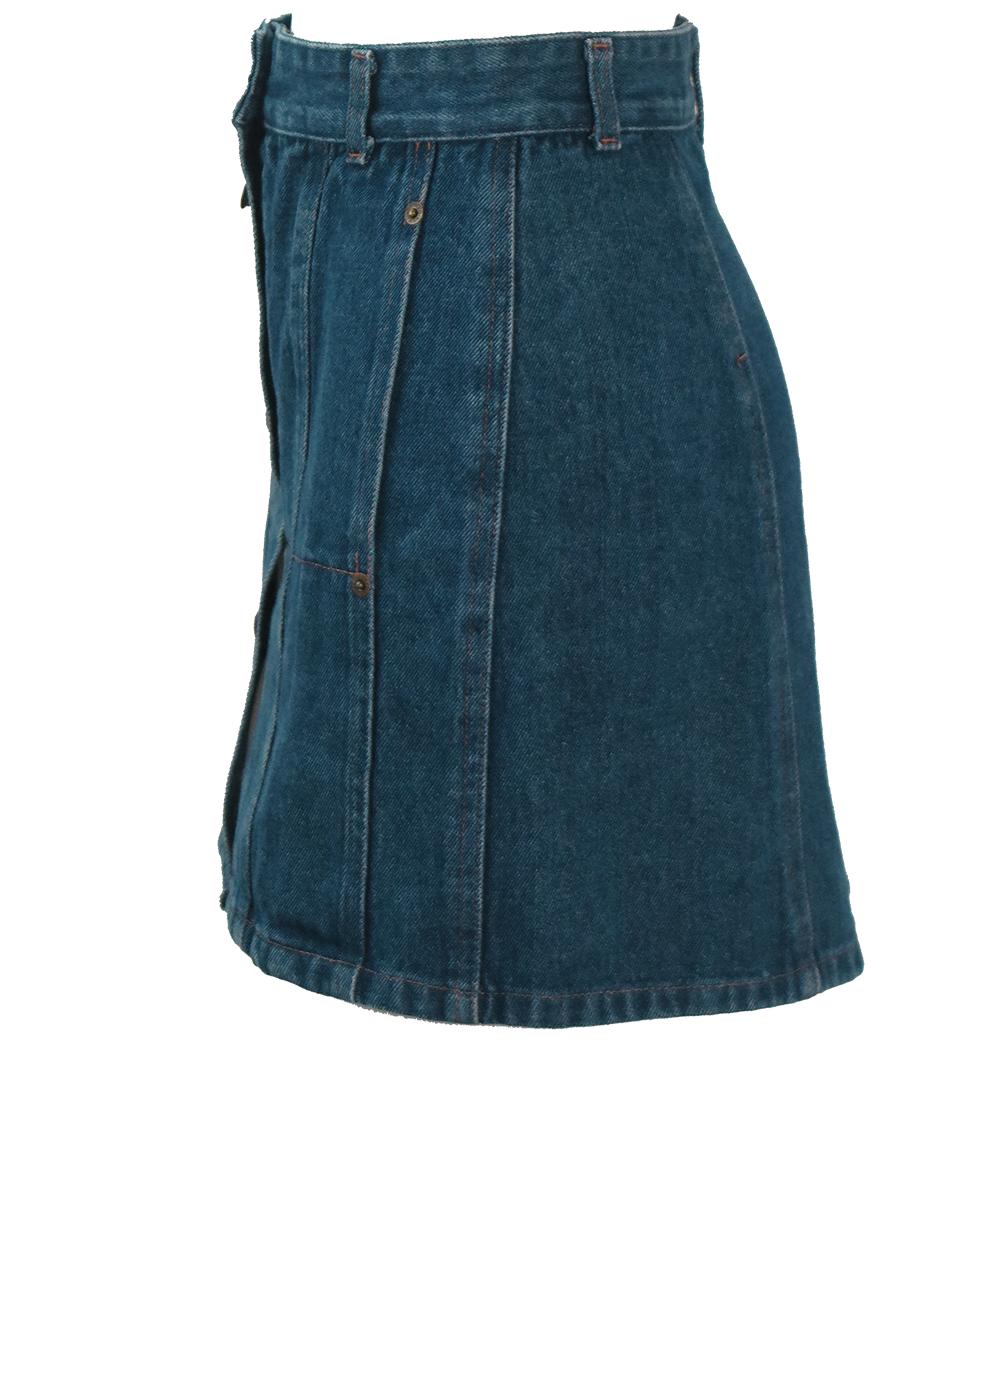 616d4f0ef Kenzo Blue Denim Mini Skirt - XS